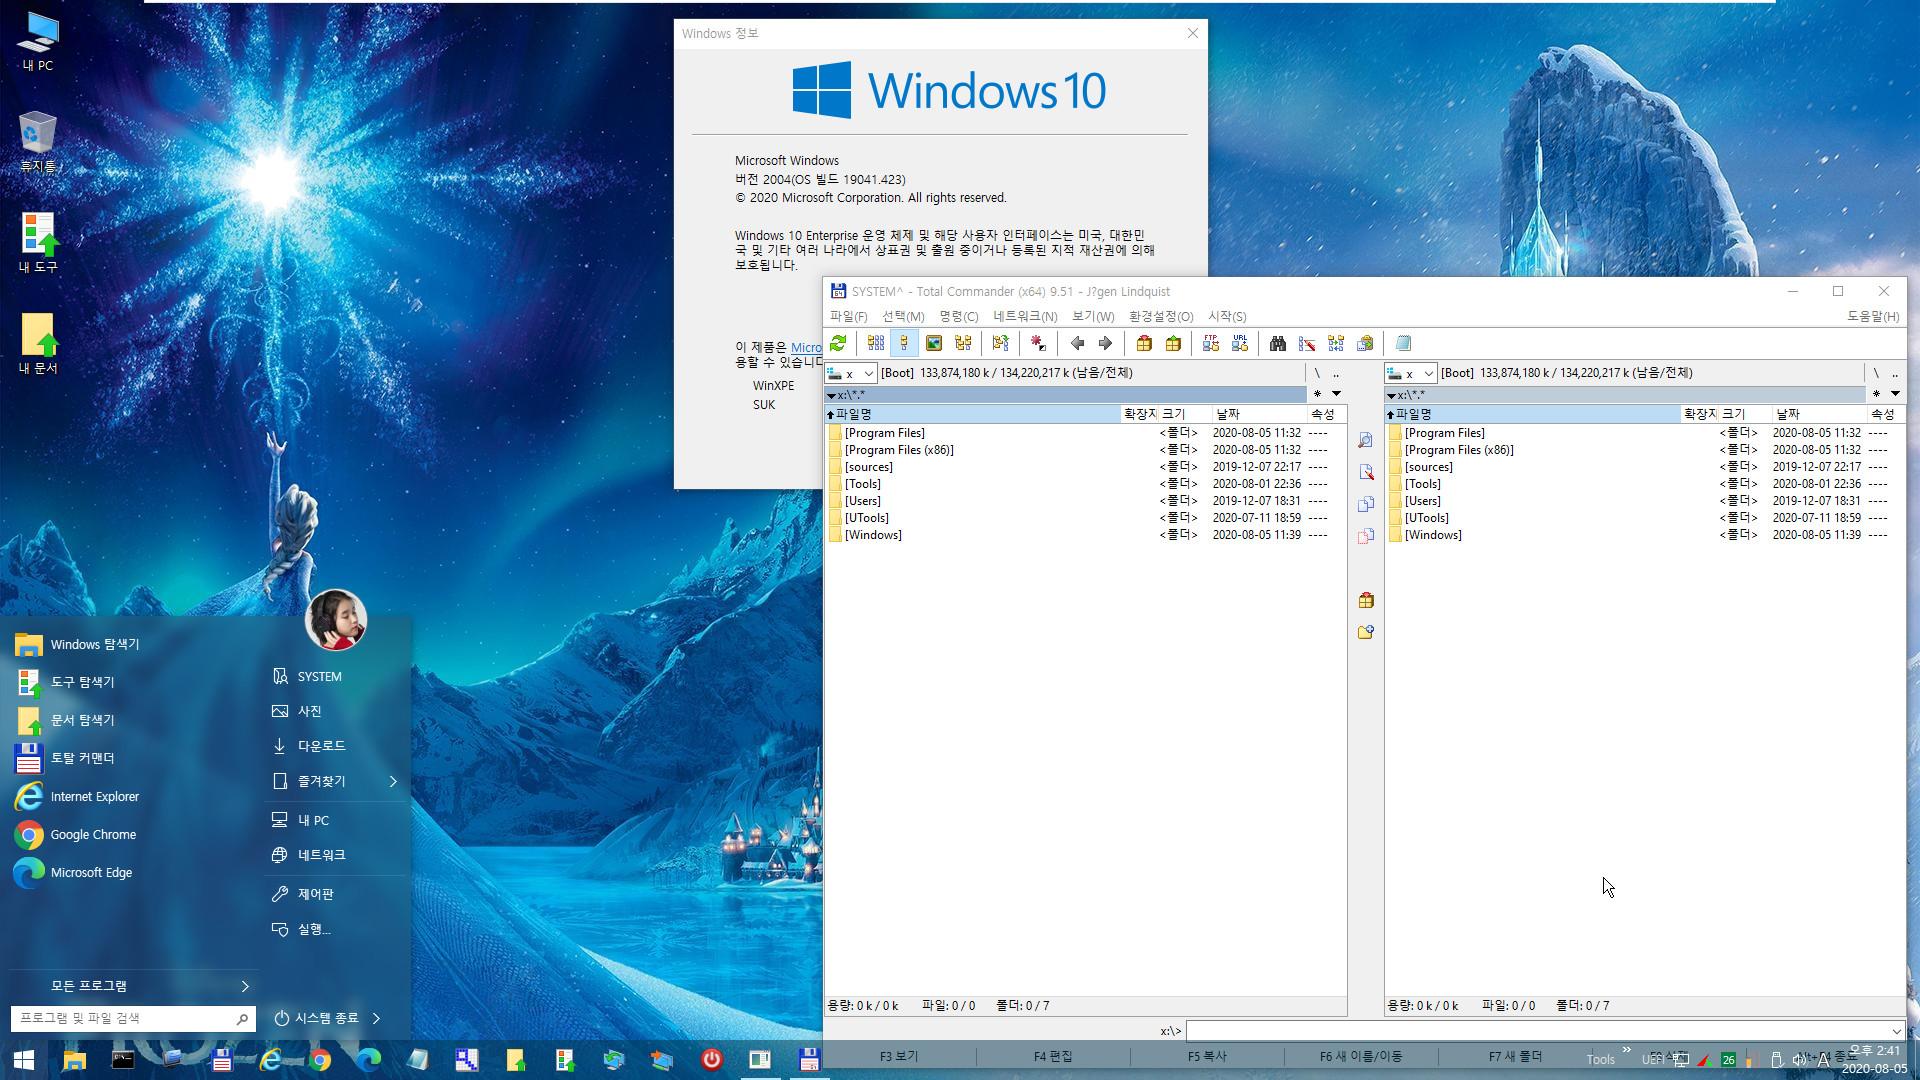 2020-08-01일자 수시 업데이트 통합 - Windows 10 버전 2004 + 버전 20H2 누적 업데이트 KB4568831 (OS 빌드 19041.423 + 19042.423) -  PE 만들기 테스트 2020-08-05_144110.jpg